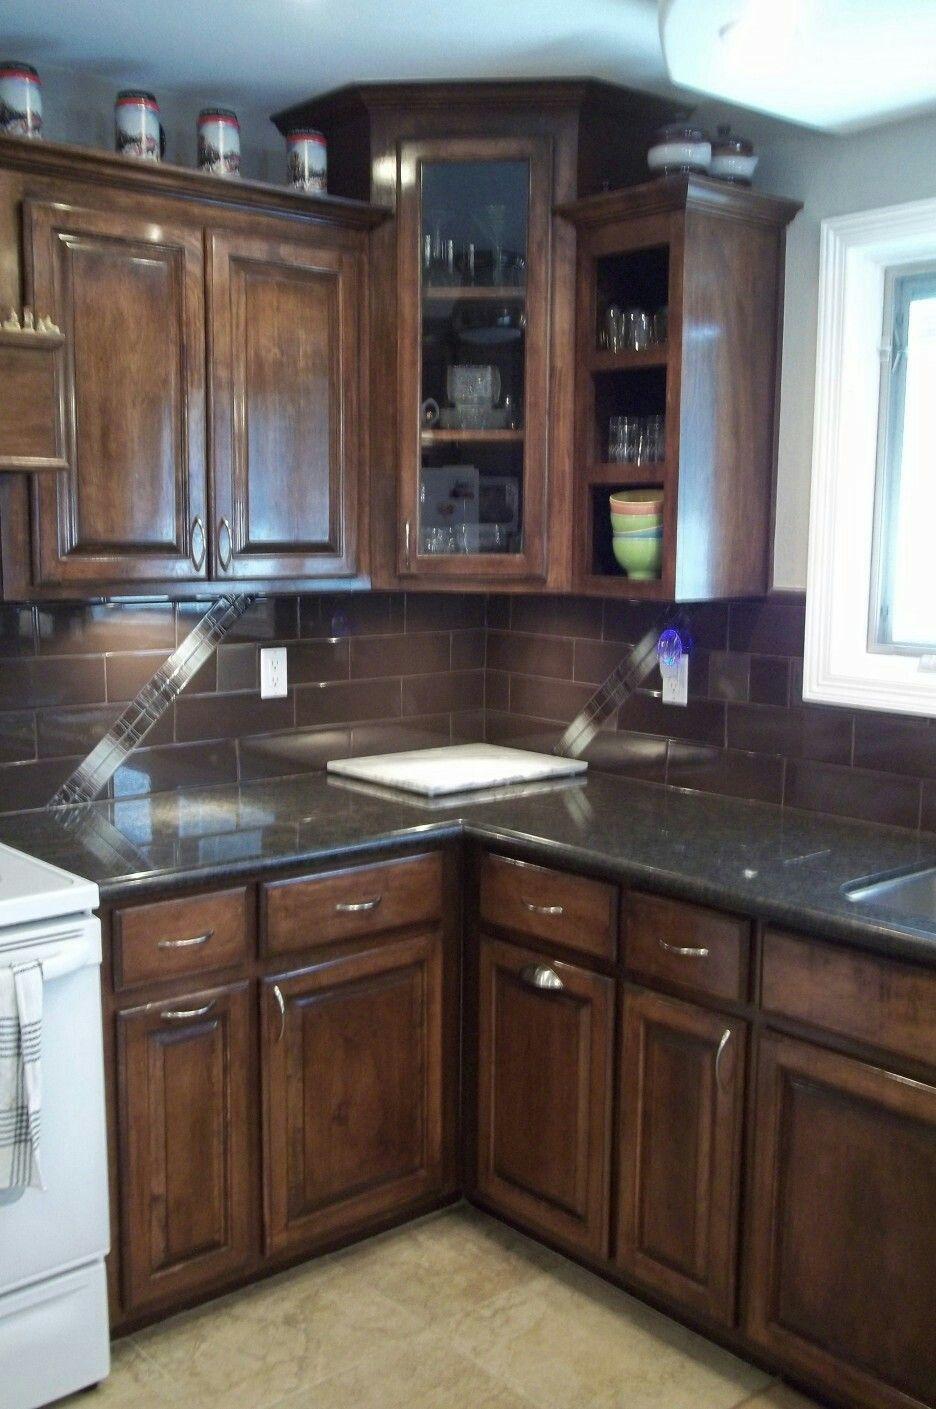 Wood Kitchen Cabinet Doors 2020 In 2020 Dark Wood Kitchen Cabinets Wood Kitchen Cabinets Glass Kitchen Cabinet Doors